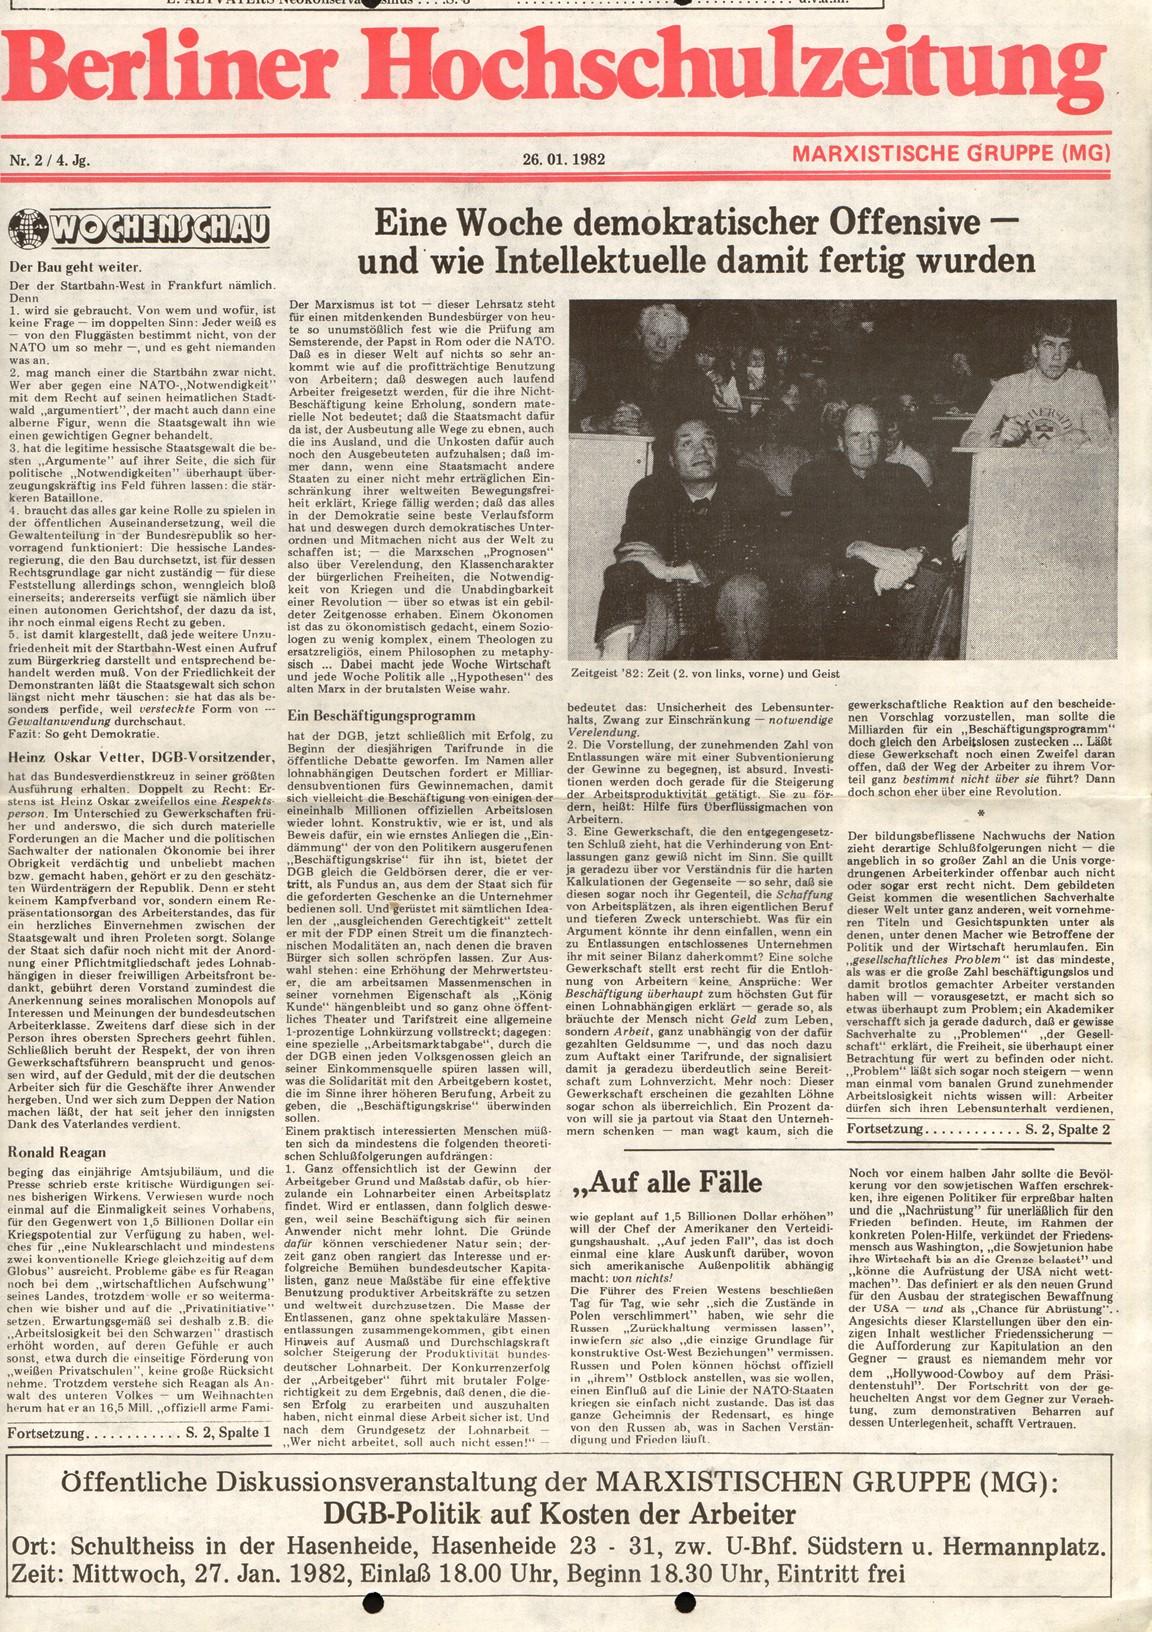 Berlin_MG_Hochschulzeitung_19820126_01